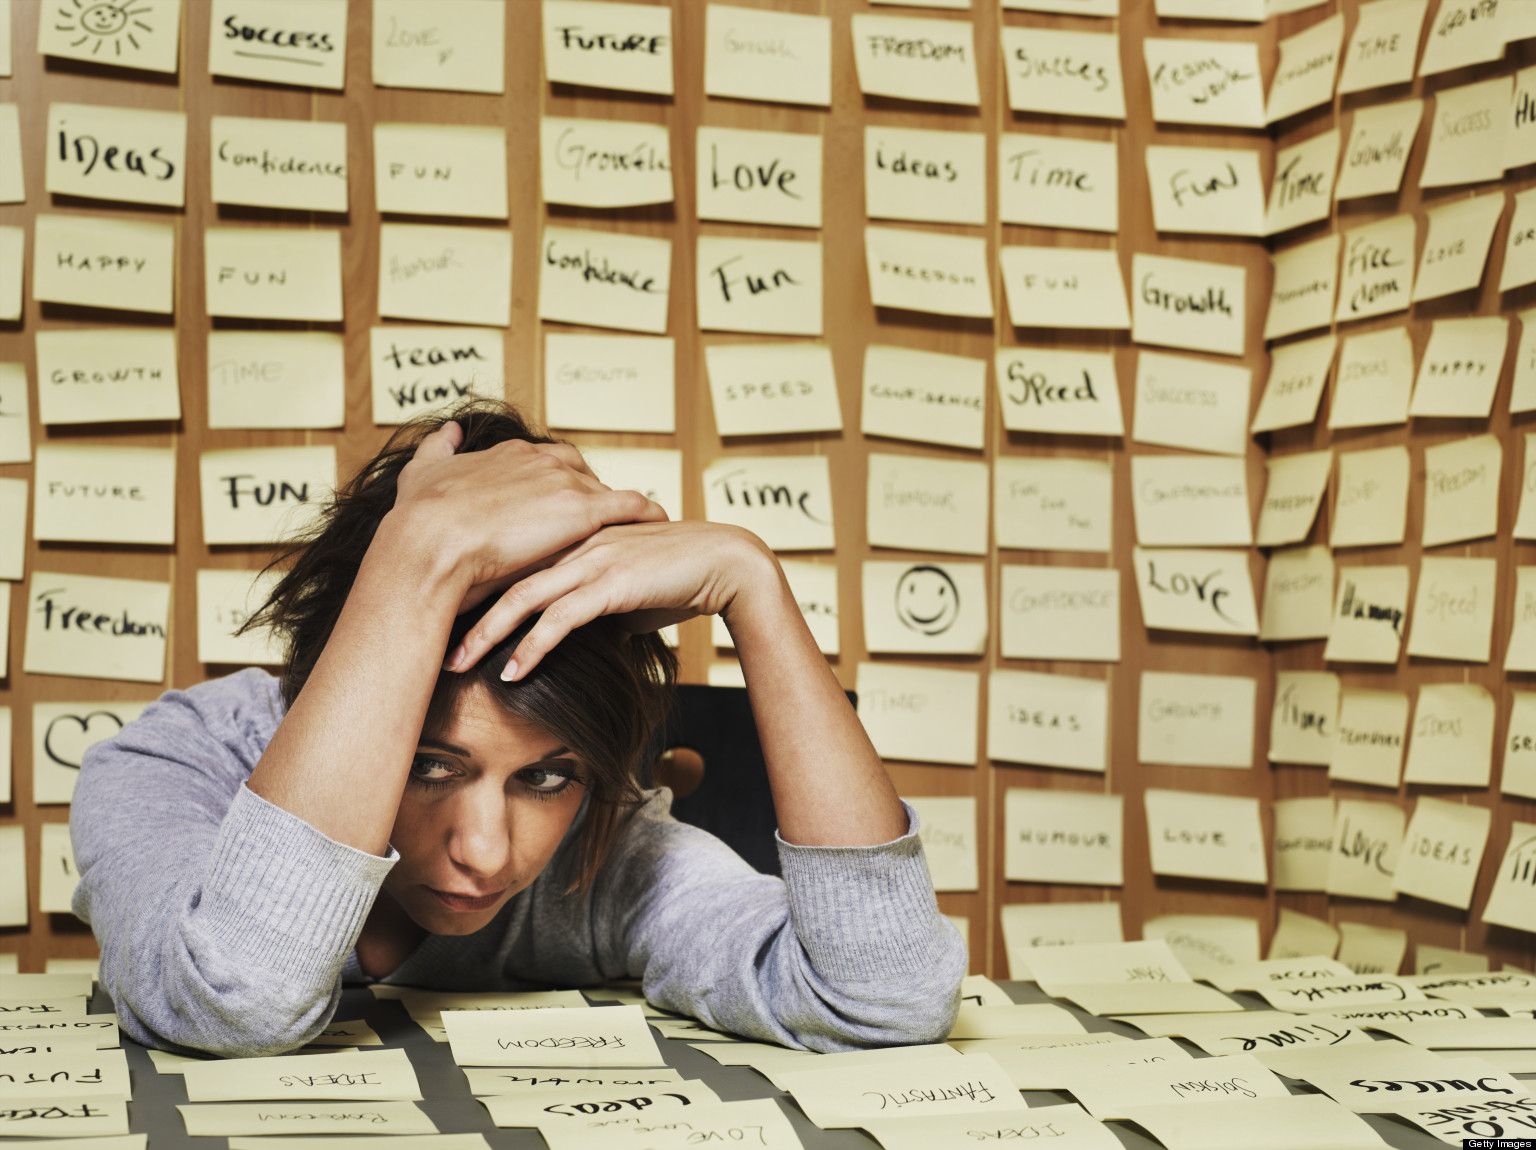 stress at work essay handlungsreisender beispiel essay